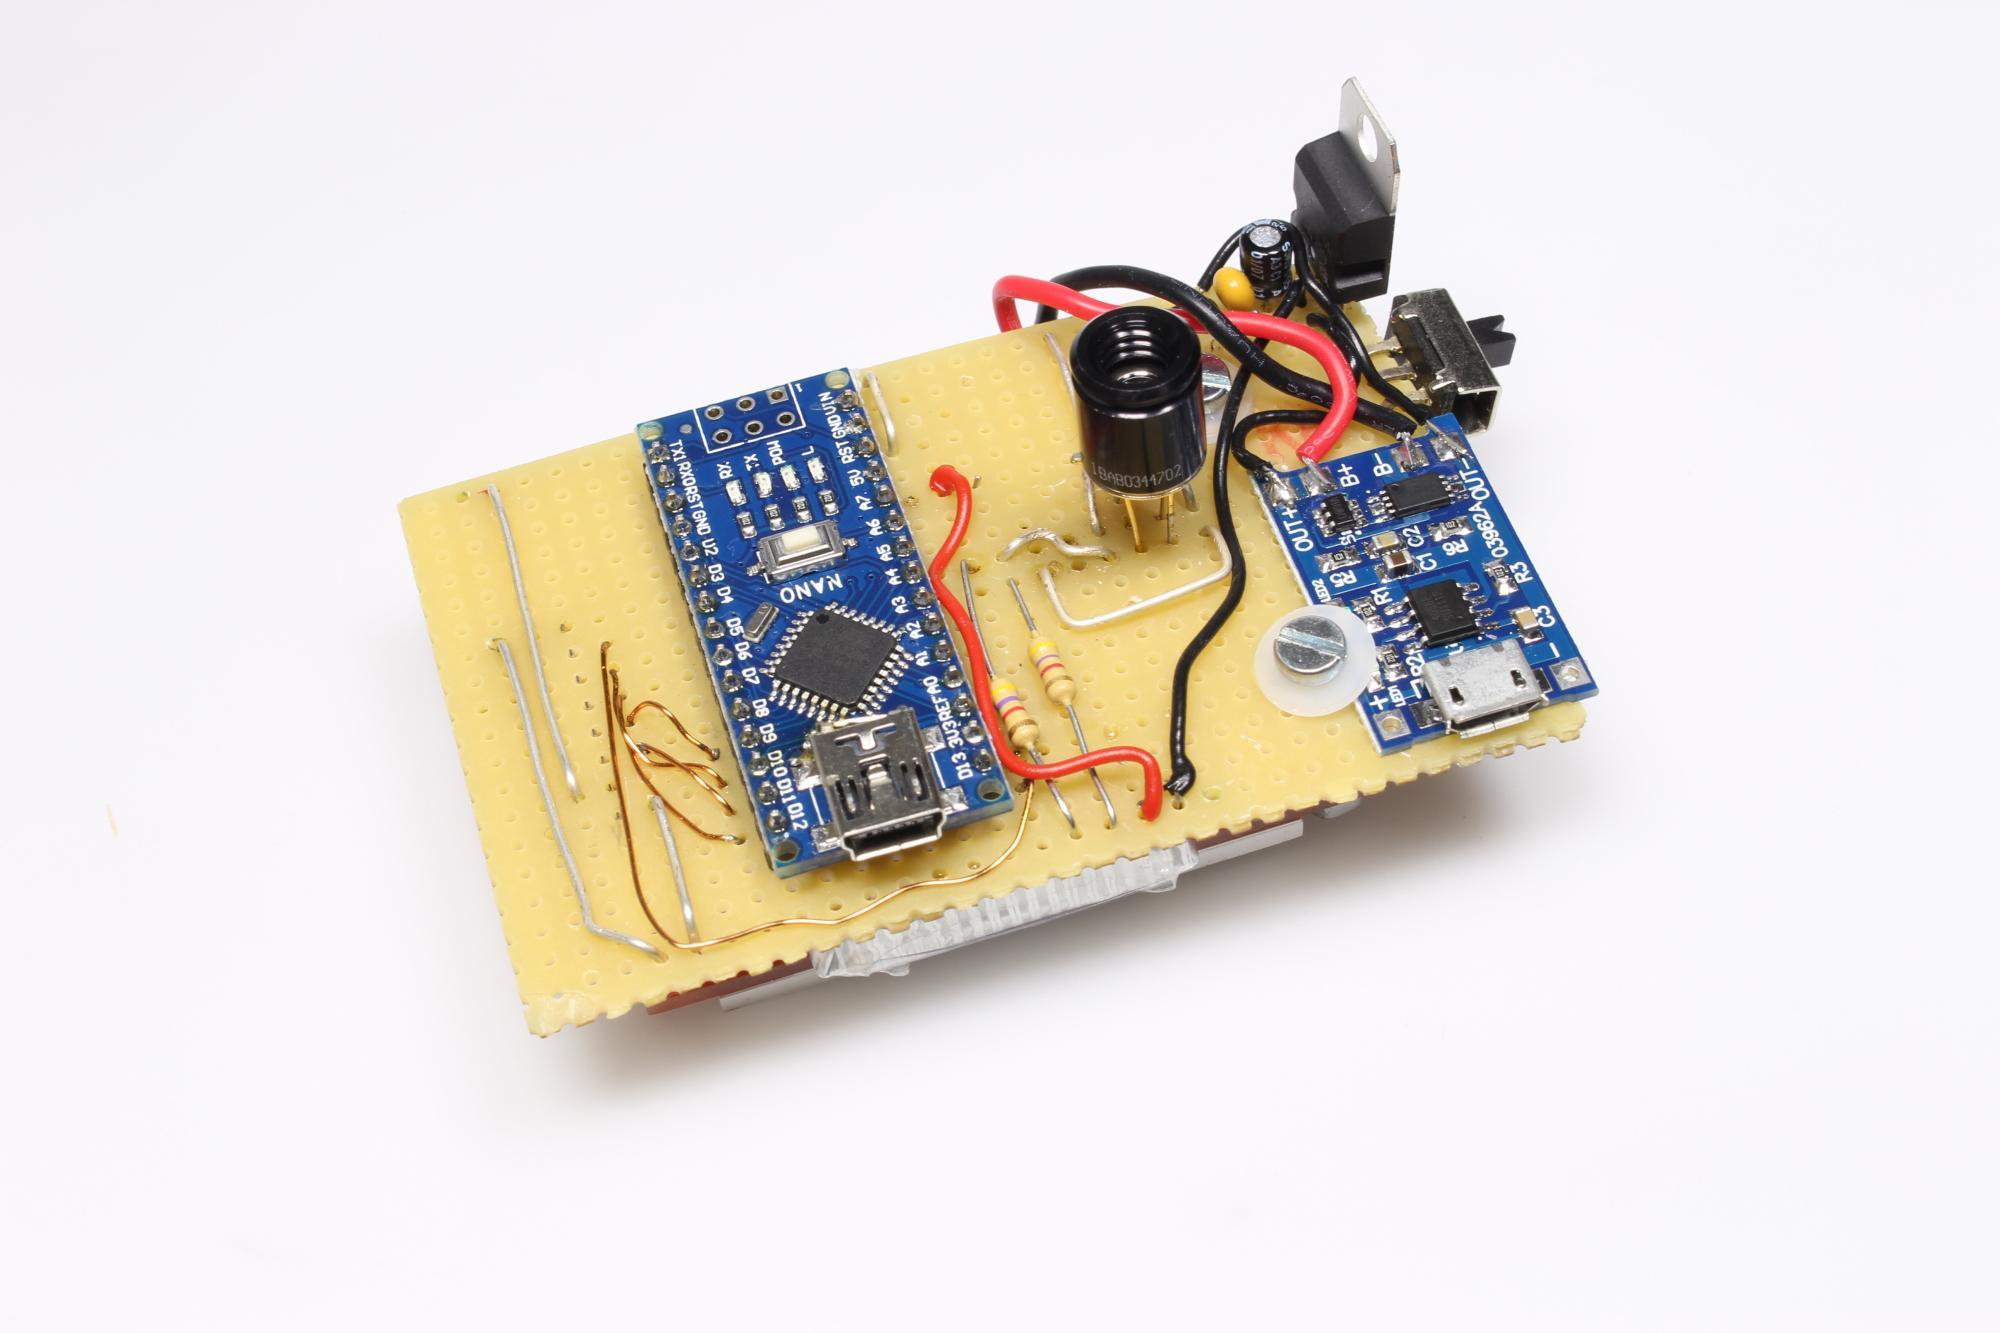 Gelbe Lochrasterplatine von vorn mit einem blauen Arduino Nano, schwarzen Infrarotsensor und blauem LiPo-Lademodul sowie weiteren elektrischen Bauteilen